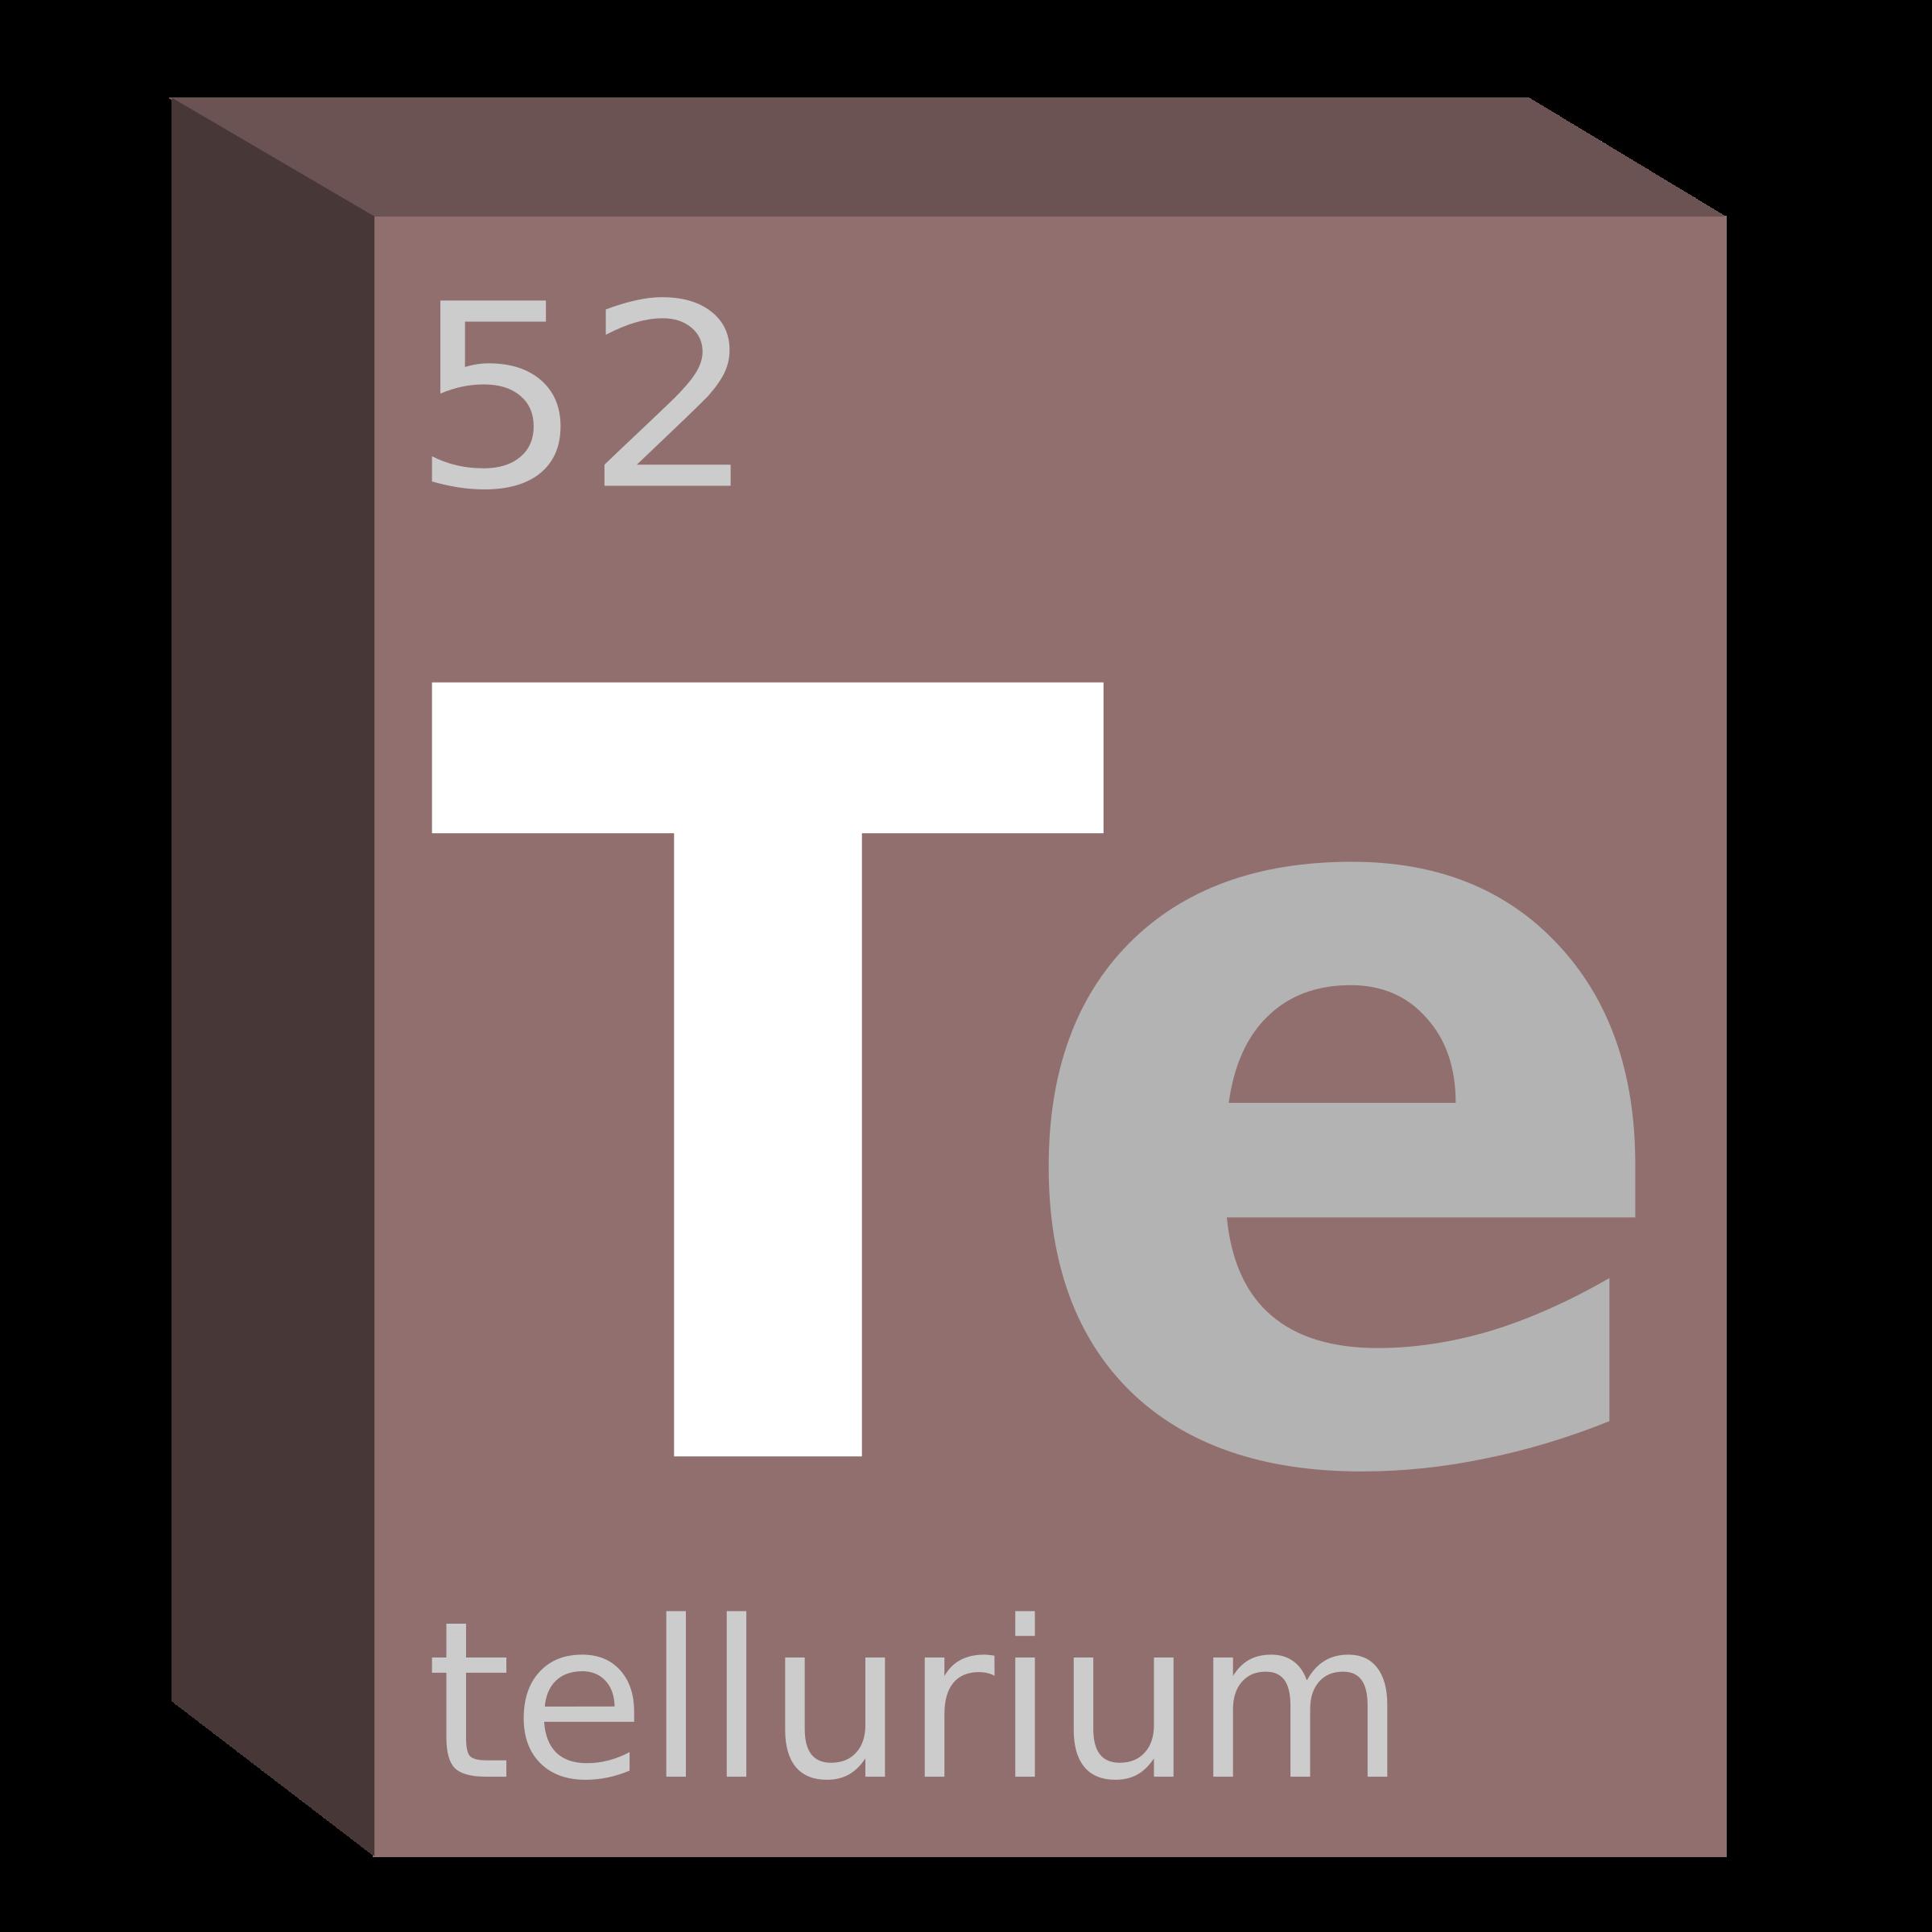 Clipart Tellurium Te Block Chemistry